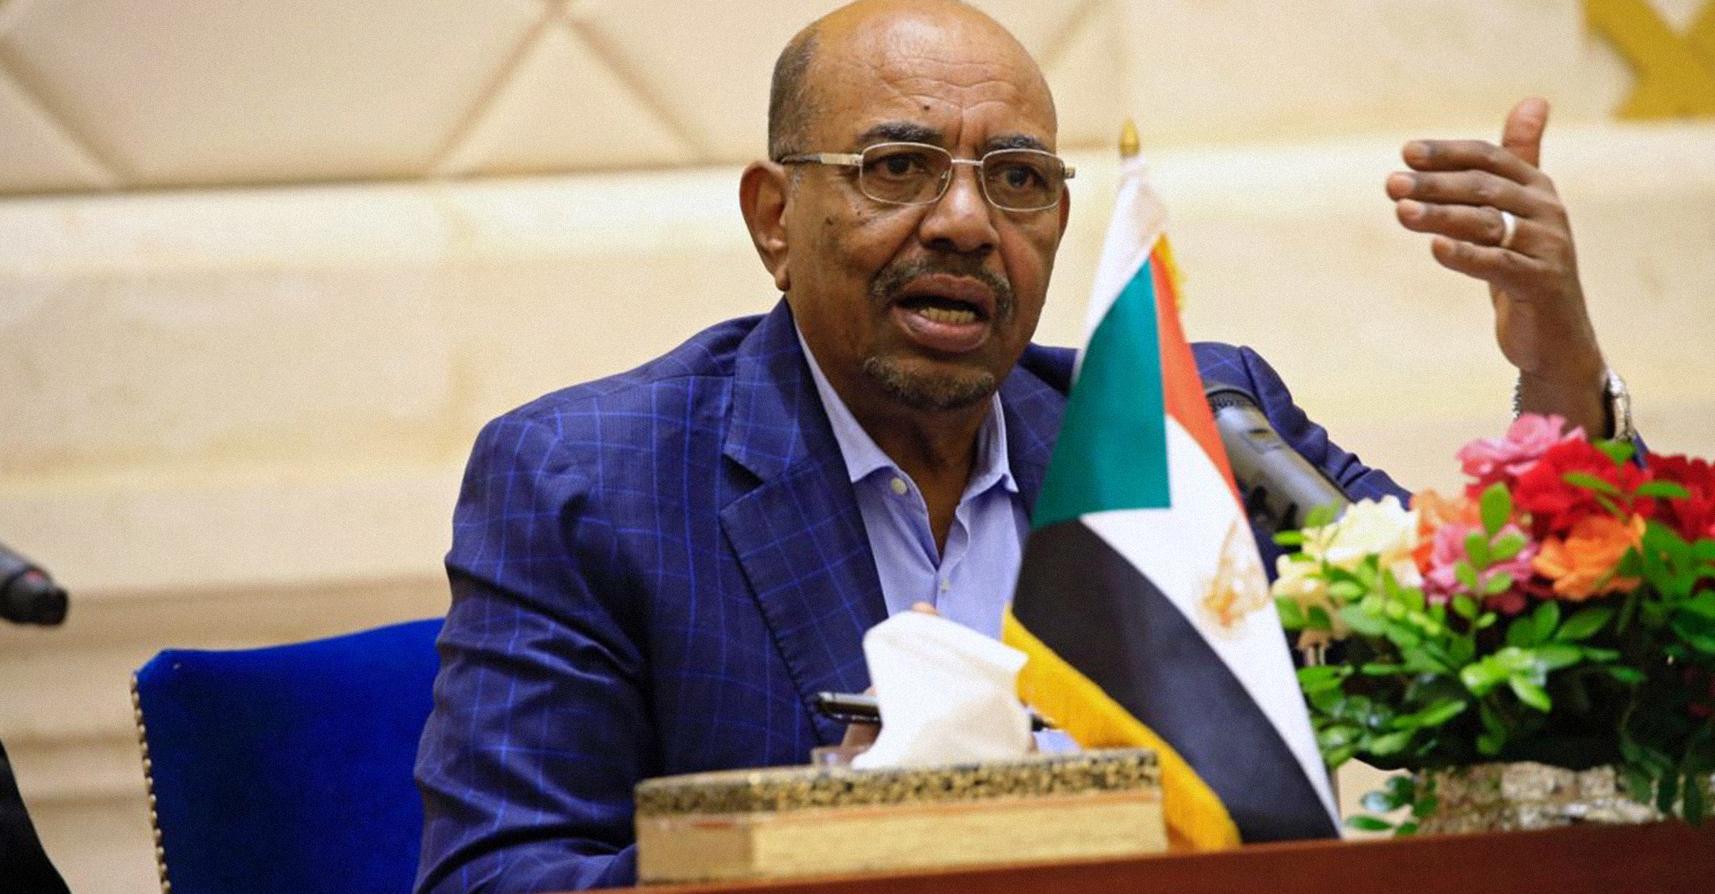 صورة البشير يؤكد حلَّه لمشاكل السودان الاقتصادية خلال ولايته القادمة، أو التي تليها